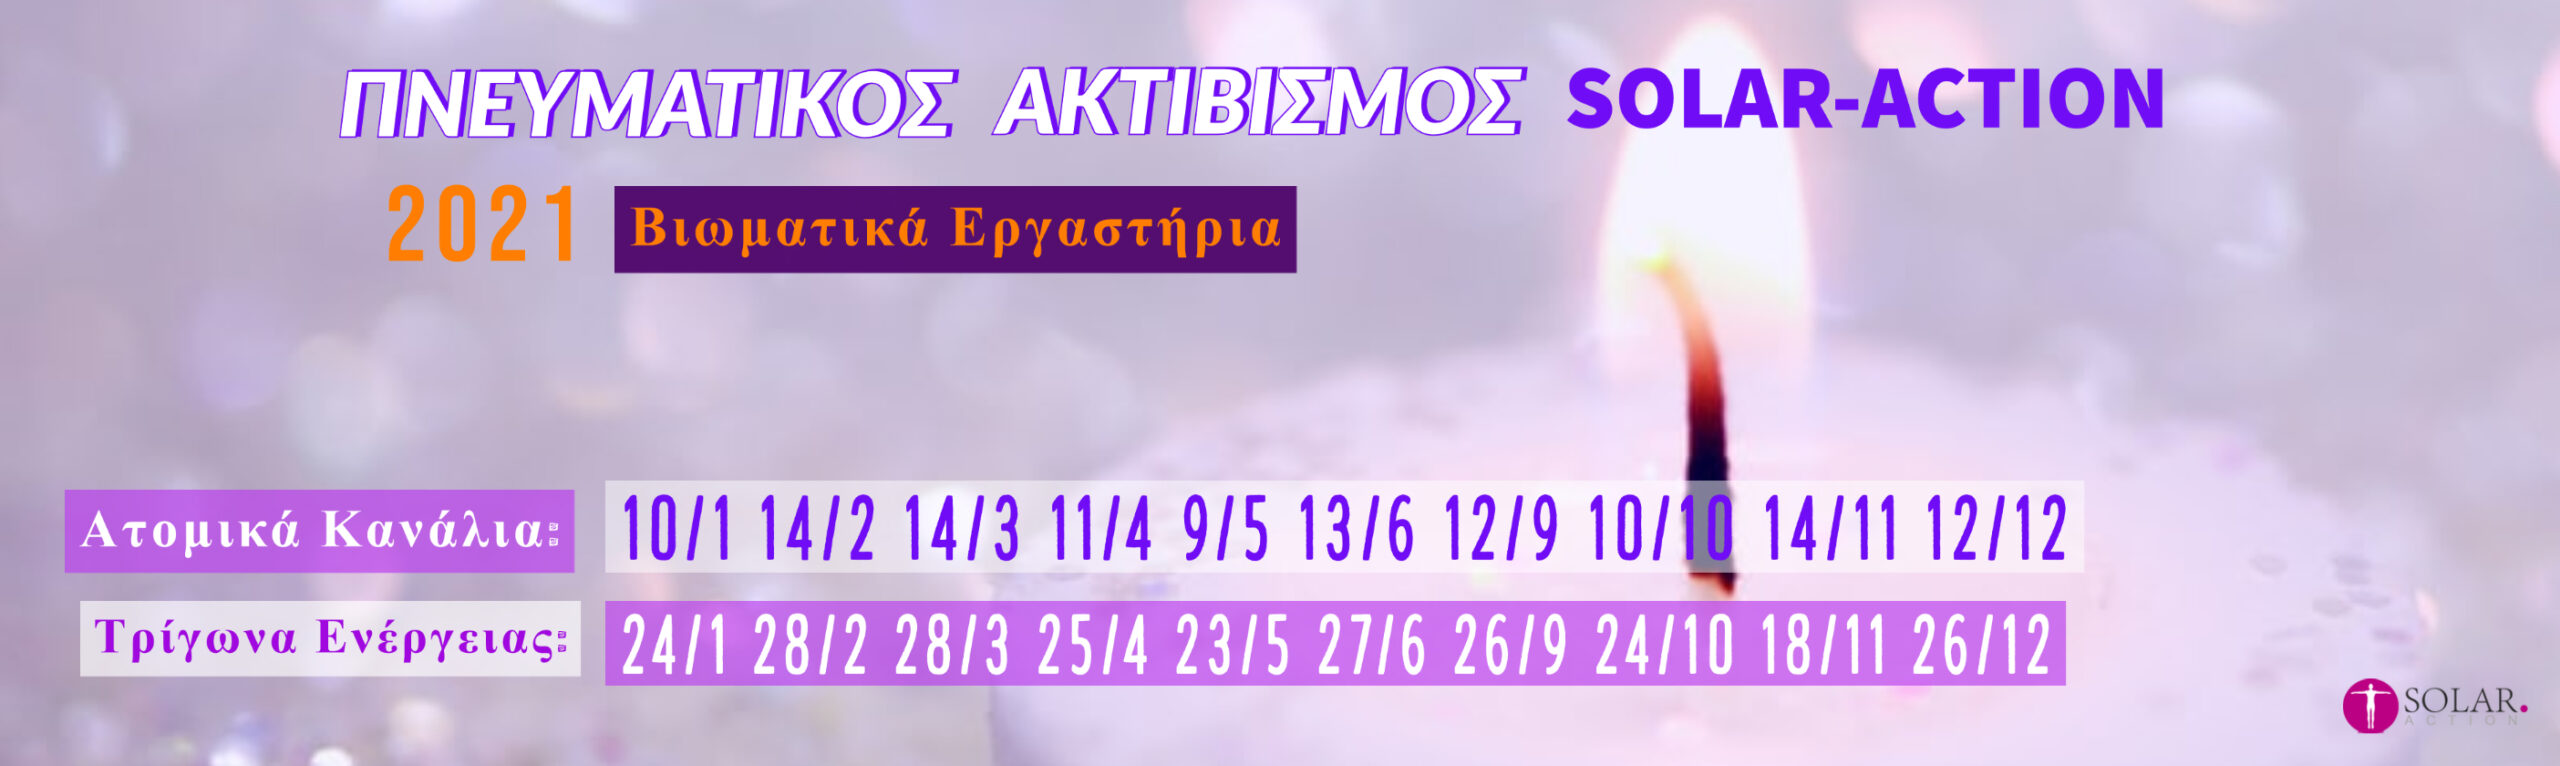 2808χ-840-banner-site-2021-ομαδες-καναλι-τριγωνα--scaled